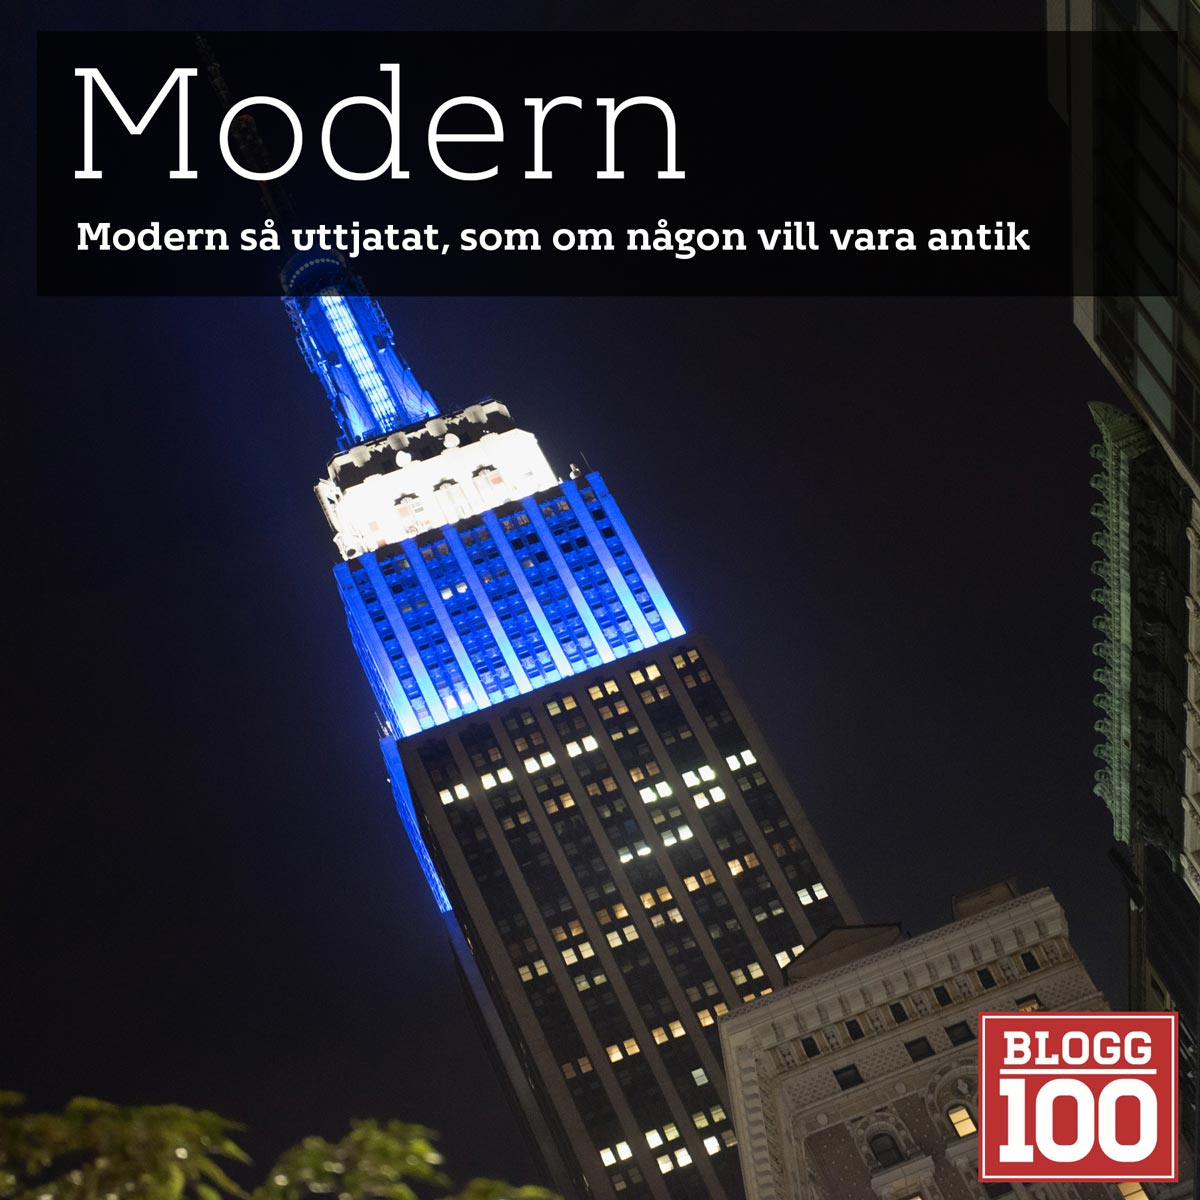 Modern, vad innebär det? #blogg100 #fb